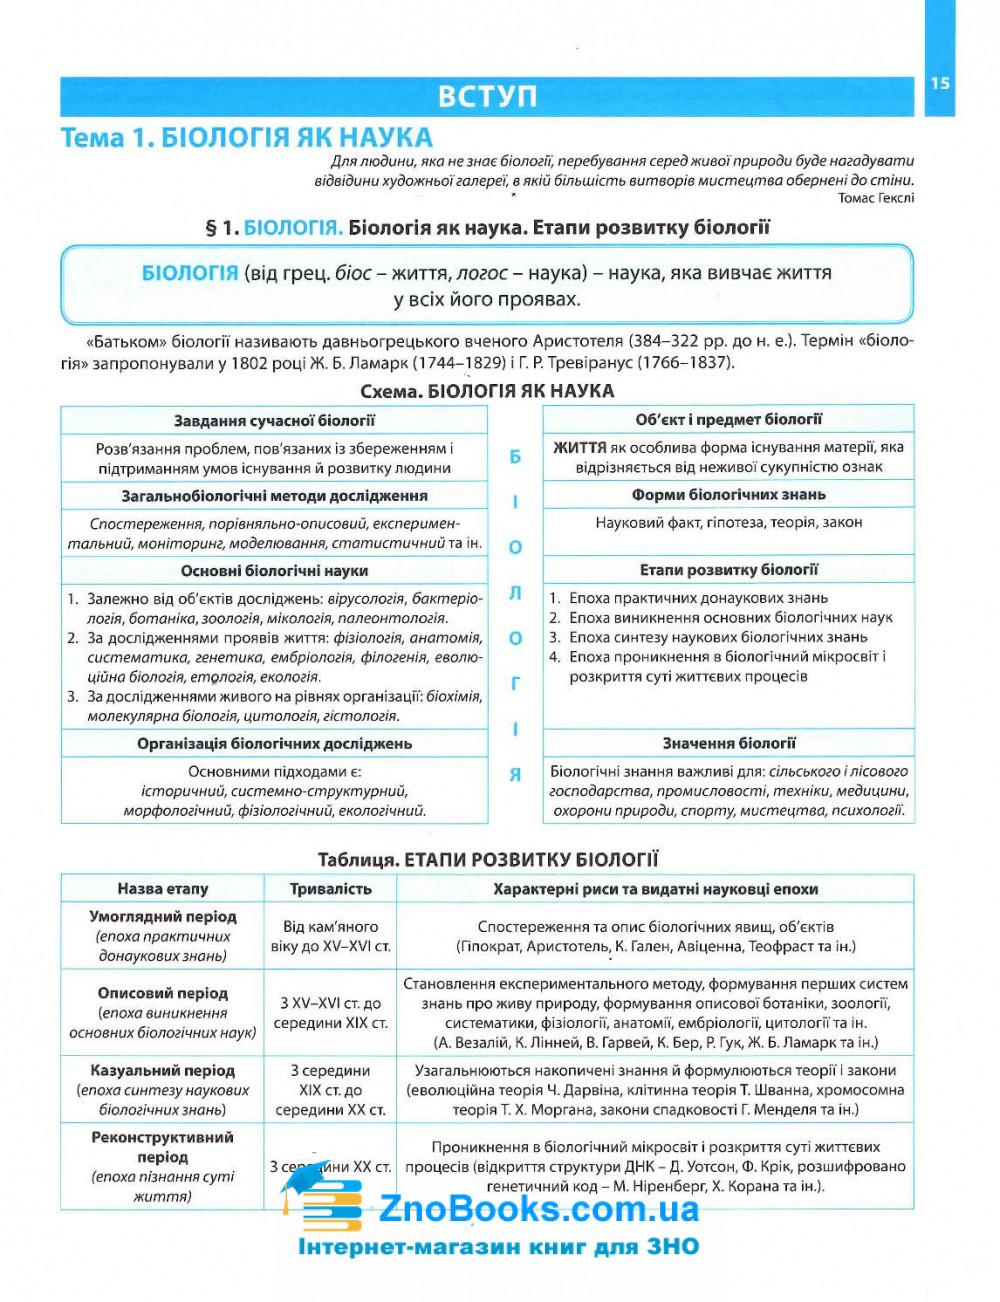 Довідник Соболь В. Повний курс біології для підготовки до ЗНО та ДПА 2021. 9